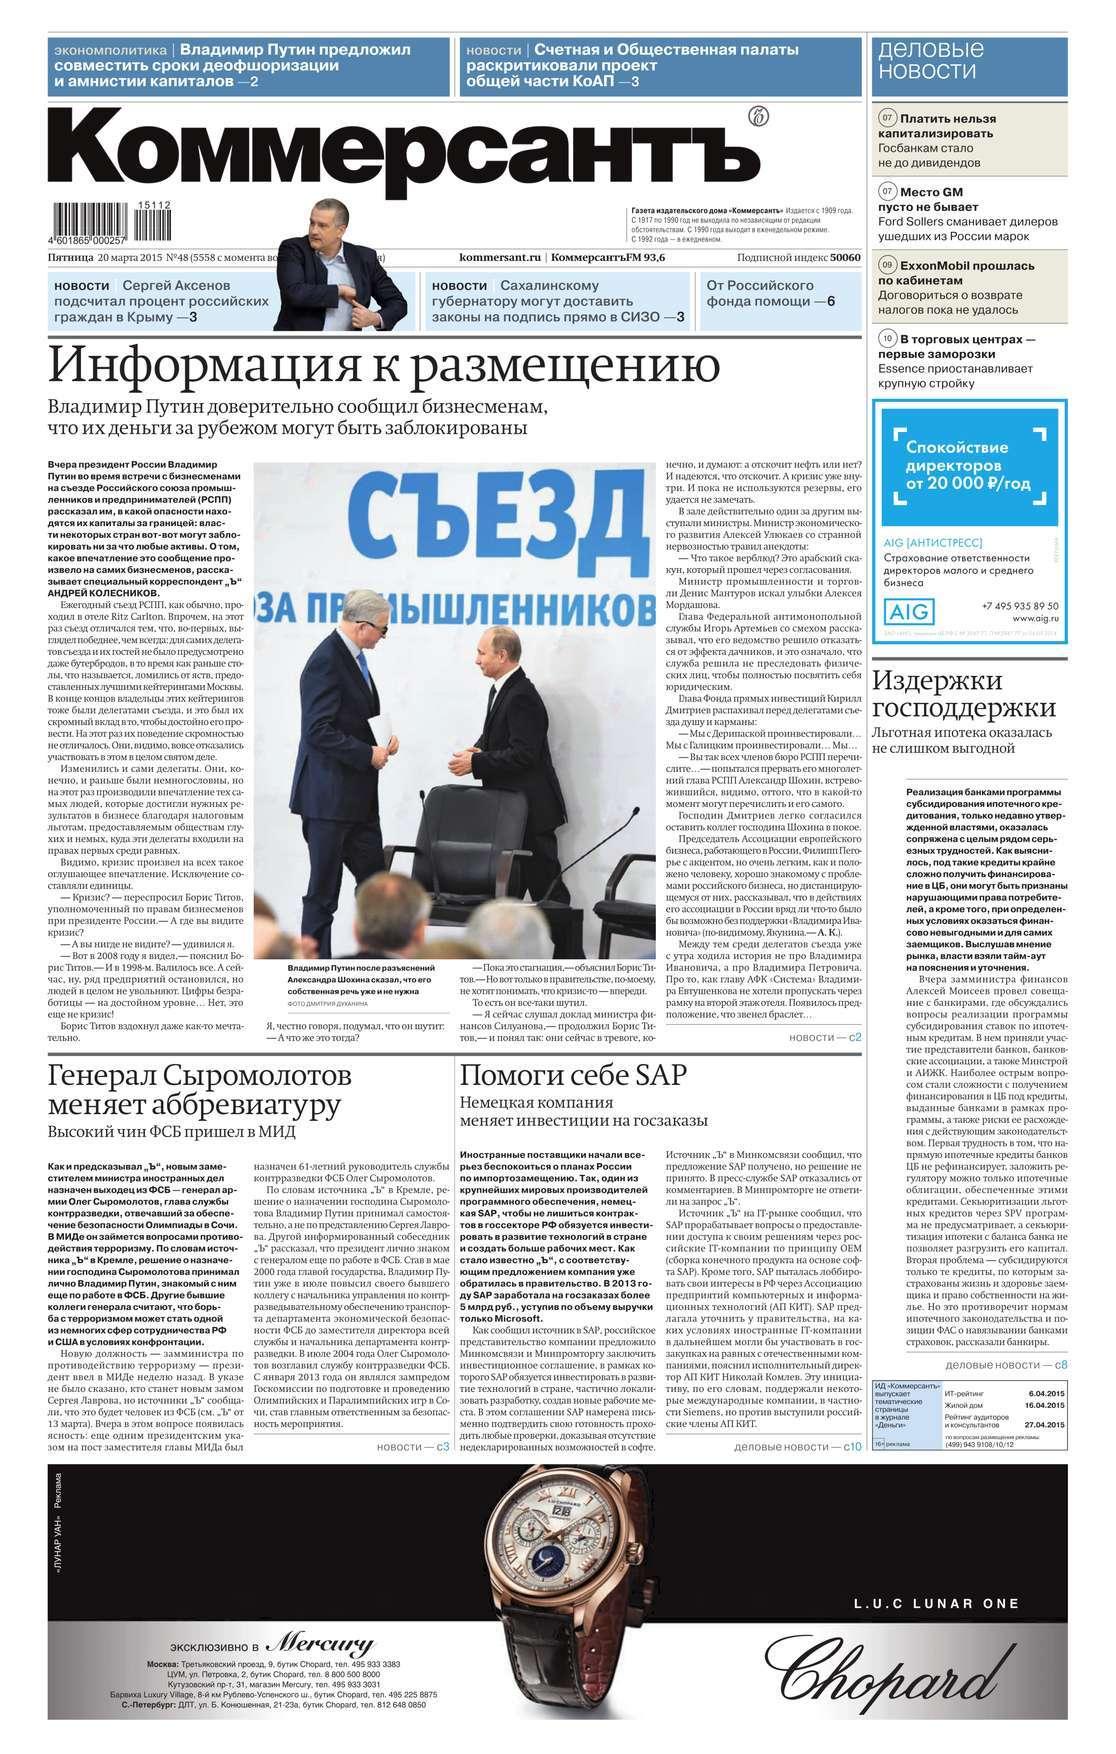 Скачать Редакция газеты КоммерсантЪ бесплатно КоммерсантЪ 48-2015